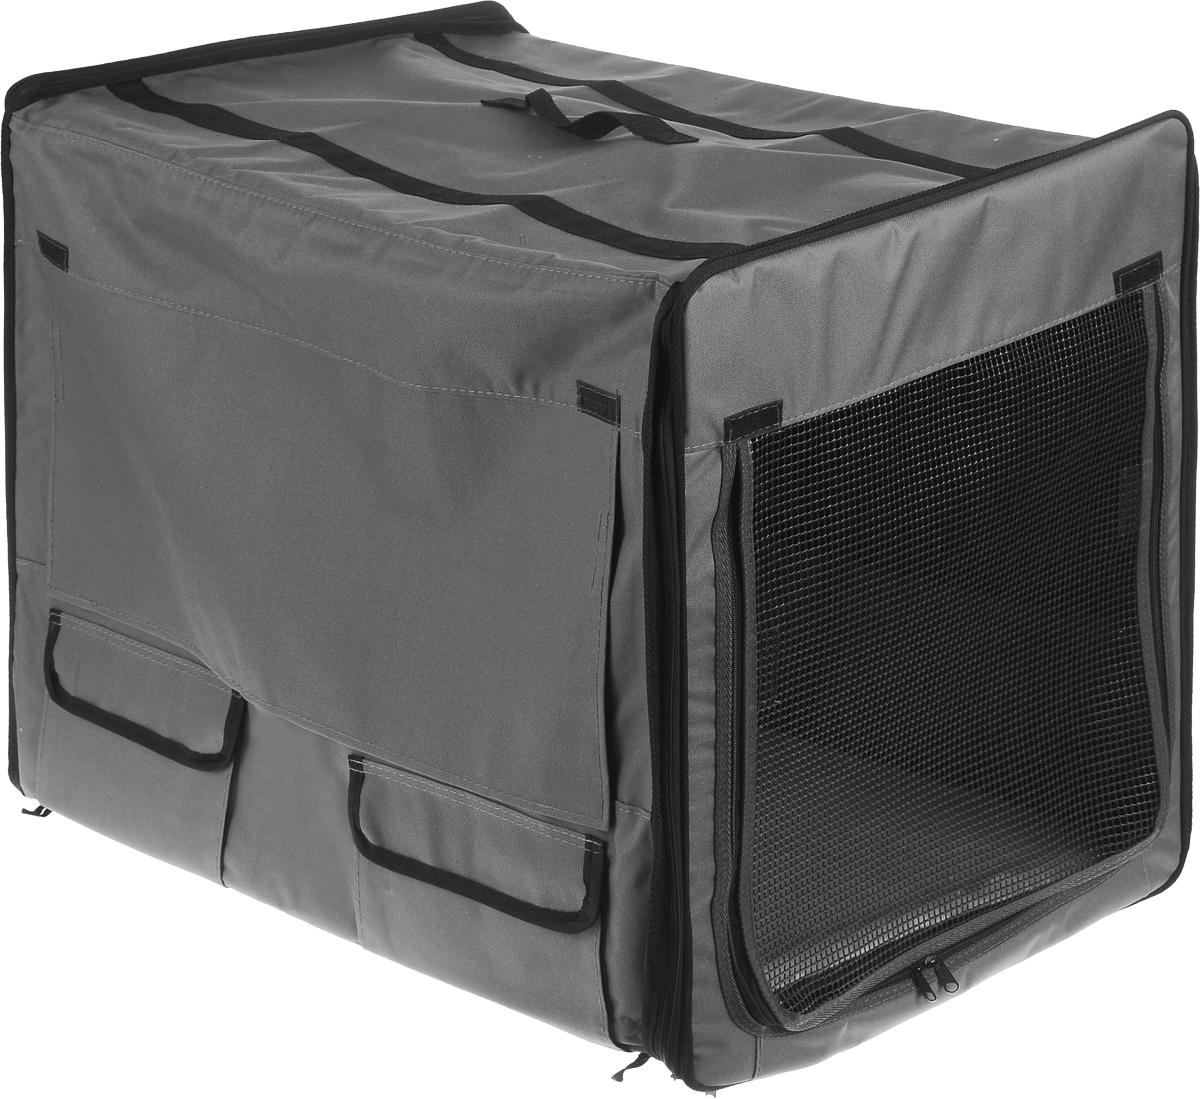 Клетка для животных Заря-Плюс, выставочная, цвет: серый, 75 х 60 х 50 смКТС2тсВыставочная палатка-клетка Заря-Плюс - трансформер, благодаря чему палатка легко и просто собирается и разбирается. На выставке вы самостоятельно соберете палатку за несколько минут, застегнув молнии с двух сторон палатки. Лицевая и обратная стороны палатки выполнены одинаково: - наполовину из сетки, которая при необходимости закрывается шторкой; - в открытом состоянии шторка фиксируется с помощью липучки; - имеется 2 больших кармана для мелочей. Одна из боковых частей палатки выполнена из сетки, которая пристегивается с помощью молнии. В открытом состоянии сетку можно закрепить с помощью липучек. Другая боковая часть палатки выполнена наполовину из сетки, которая при необходимости закрывается шторкой. В открытом состоянии шторка фиксируется с помощью липучки. С этой стороны палатки имеется большой карман. В комплект палатки входит съемное дно из ДВП и меховой матрац; при необходимости матрац легко ...